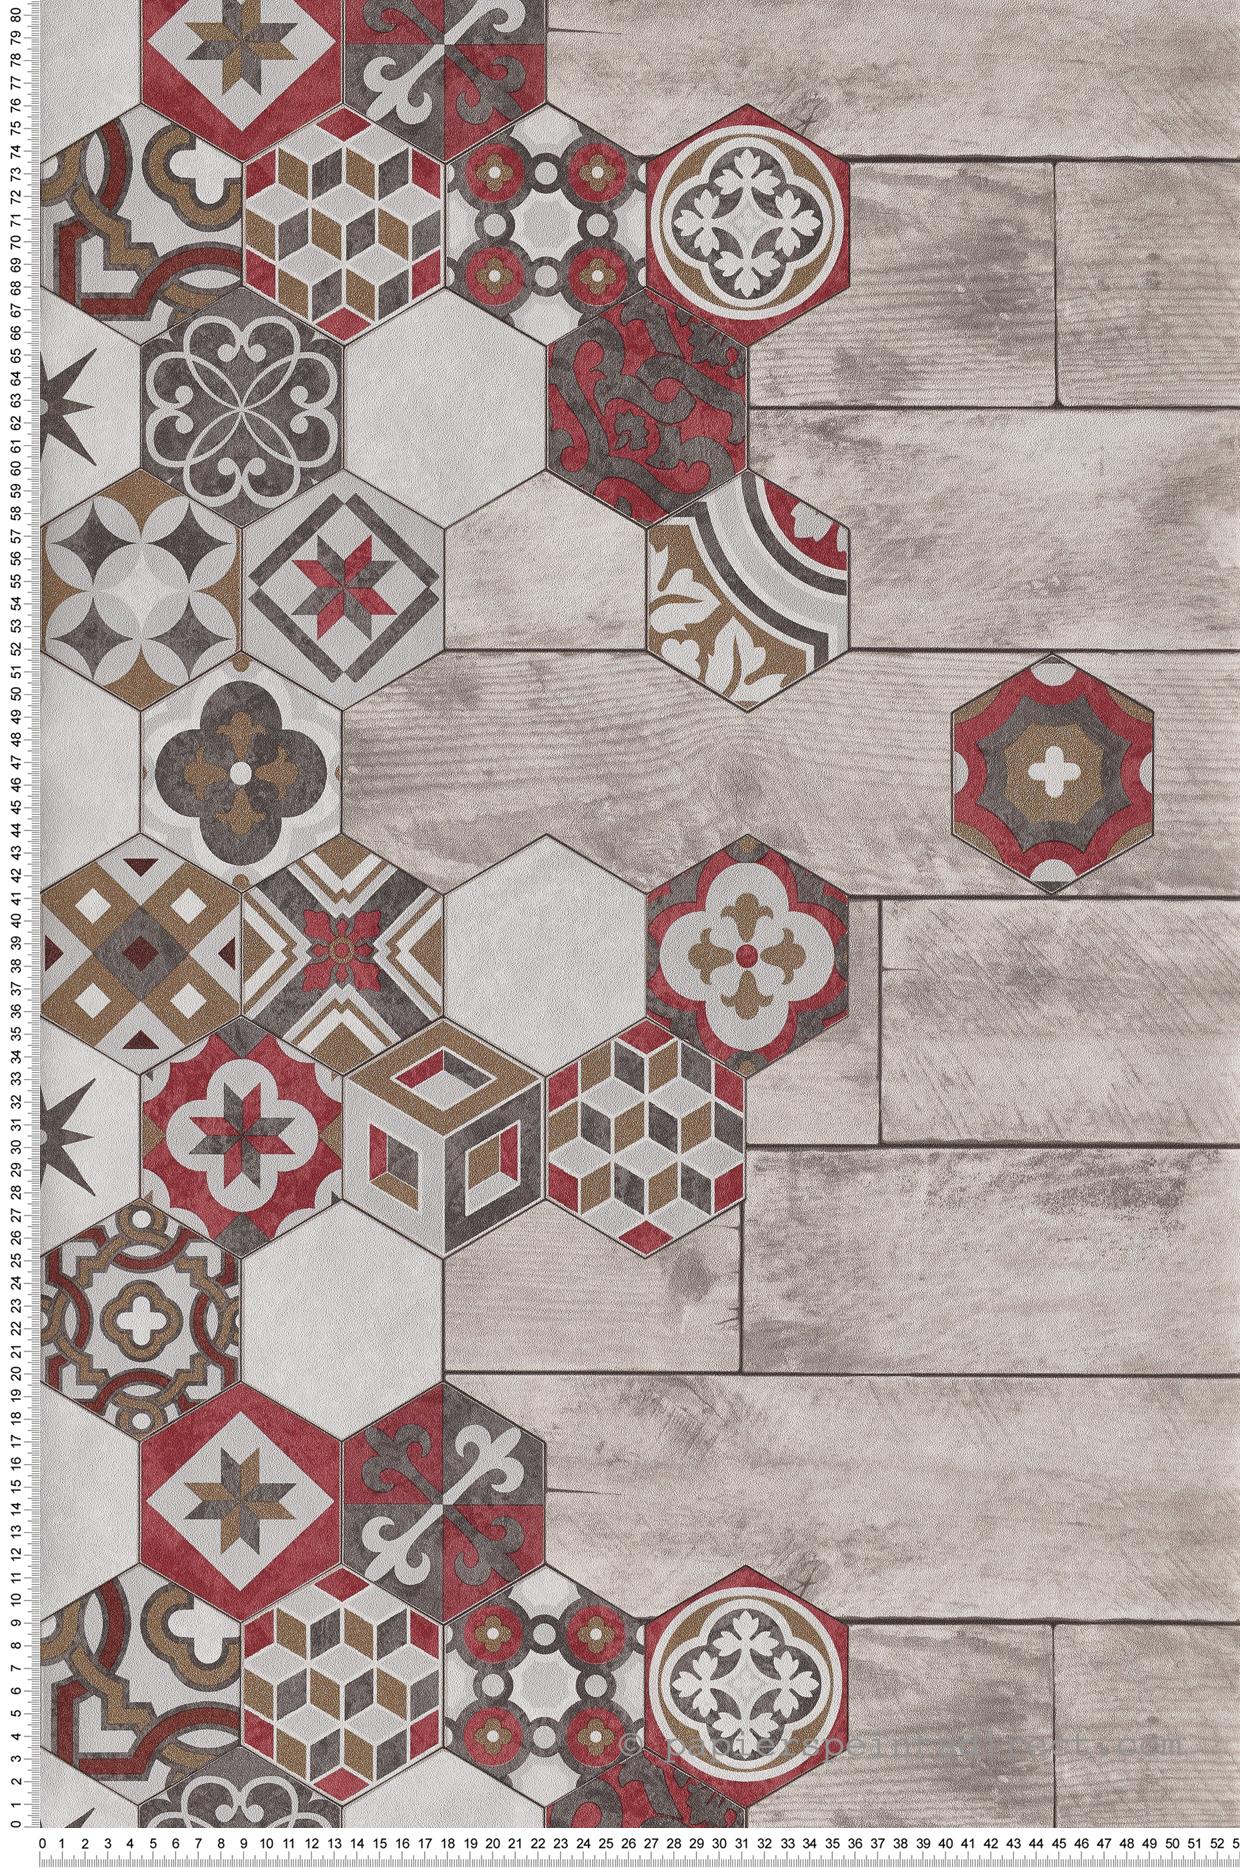 Tapisserie Carreaux De Ciment papier peint carreaux de ciment bois rouge doré - reflets d